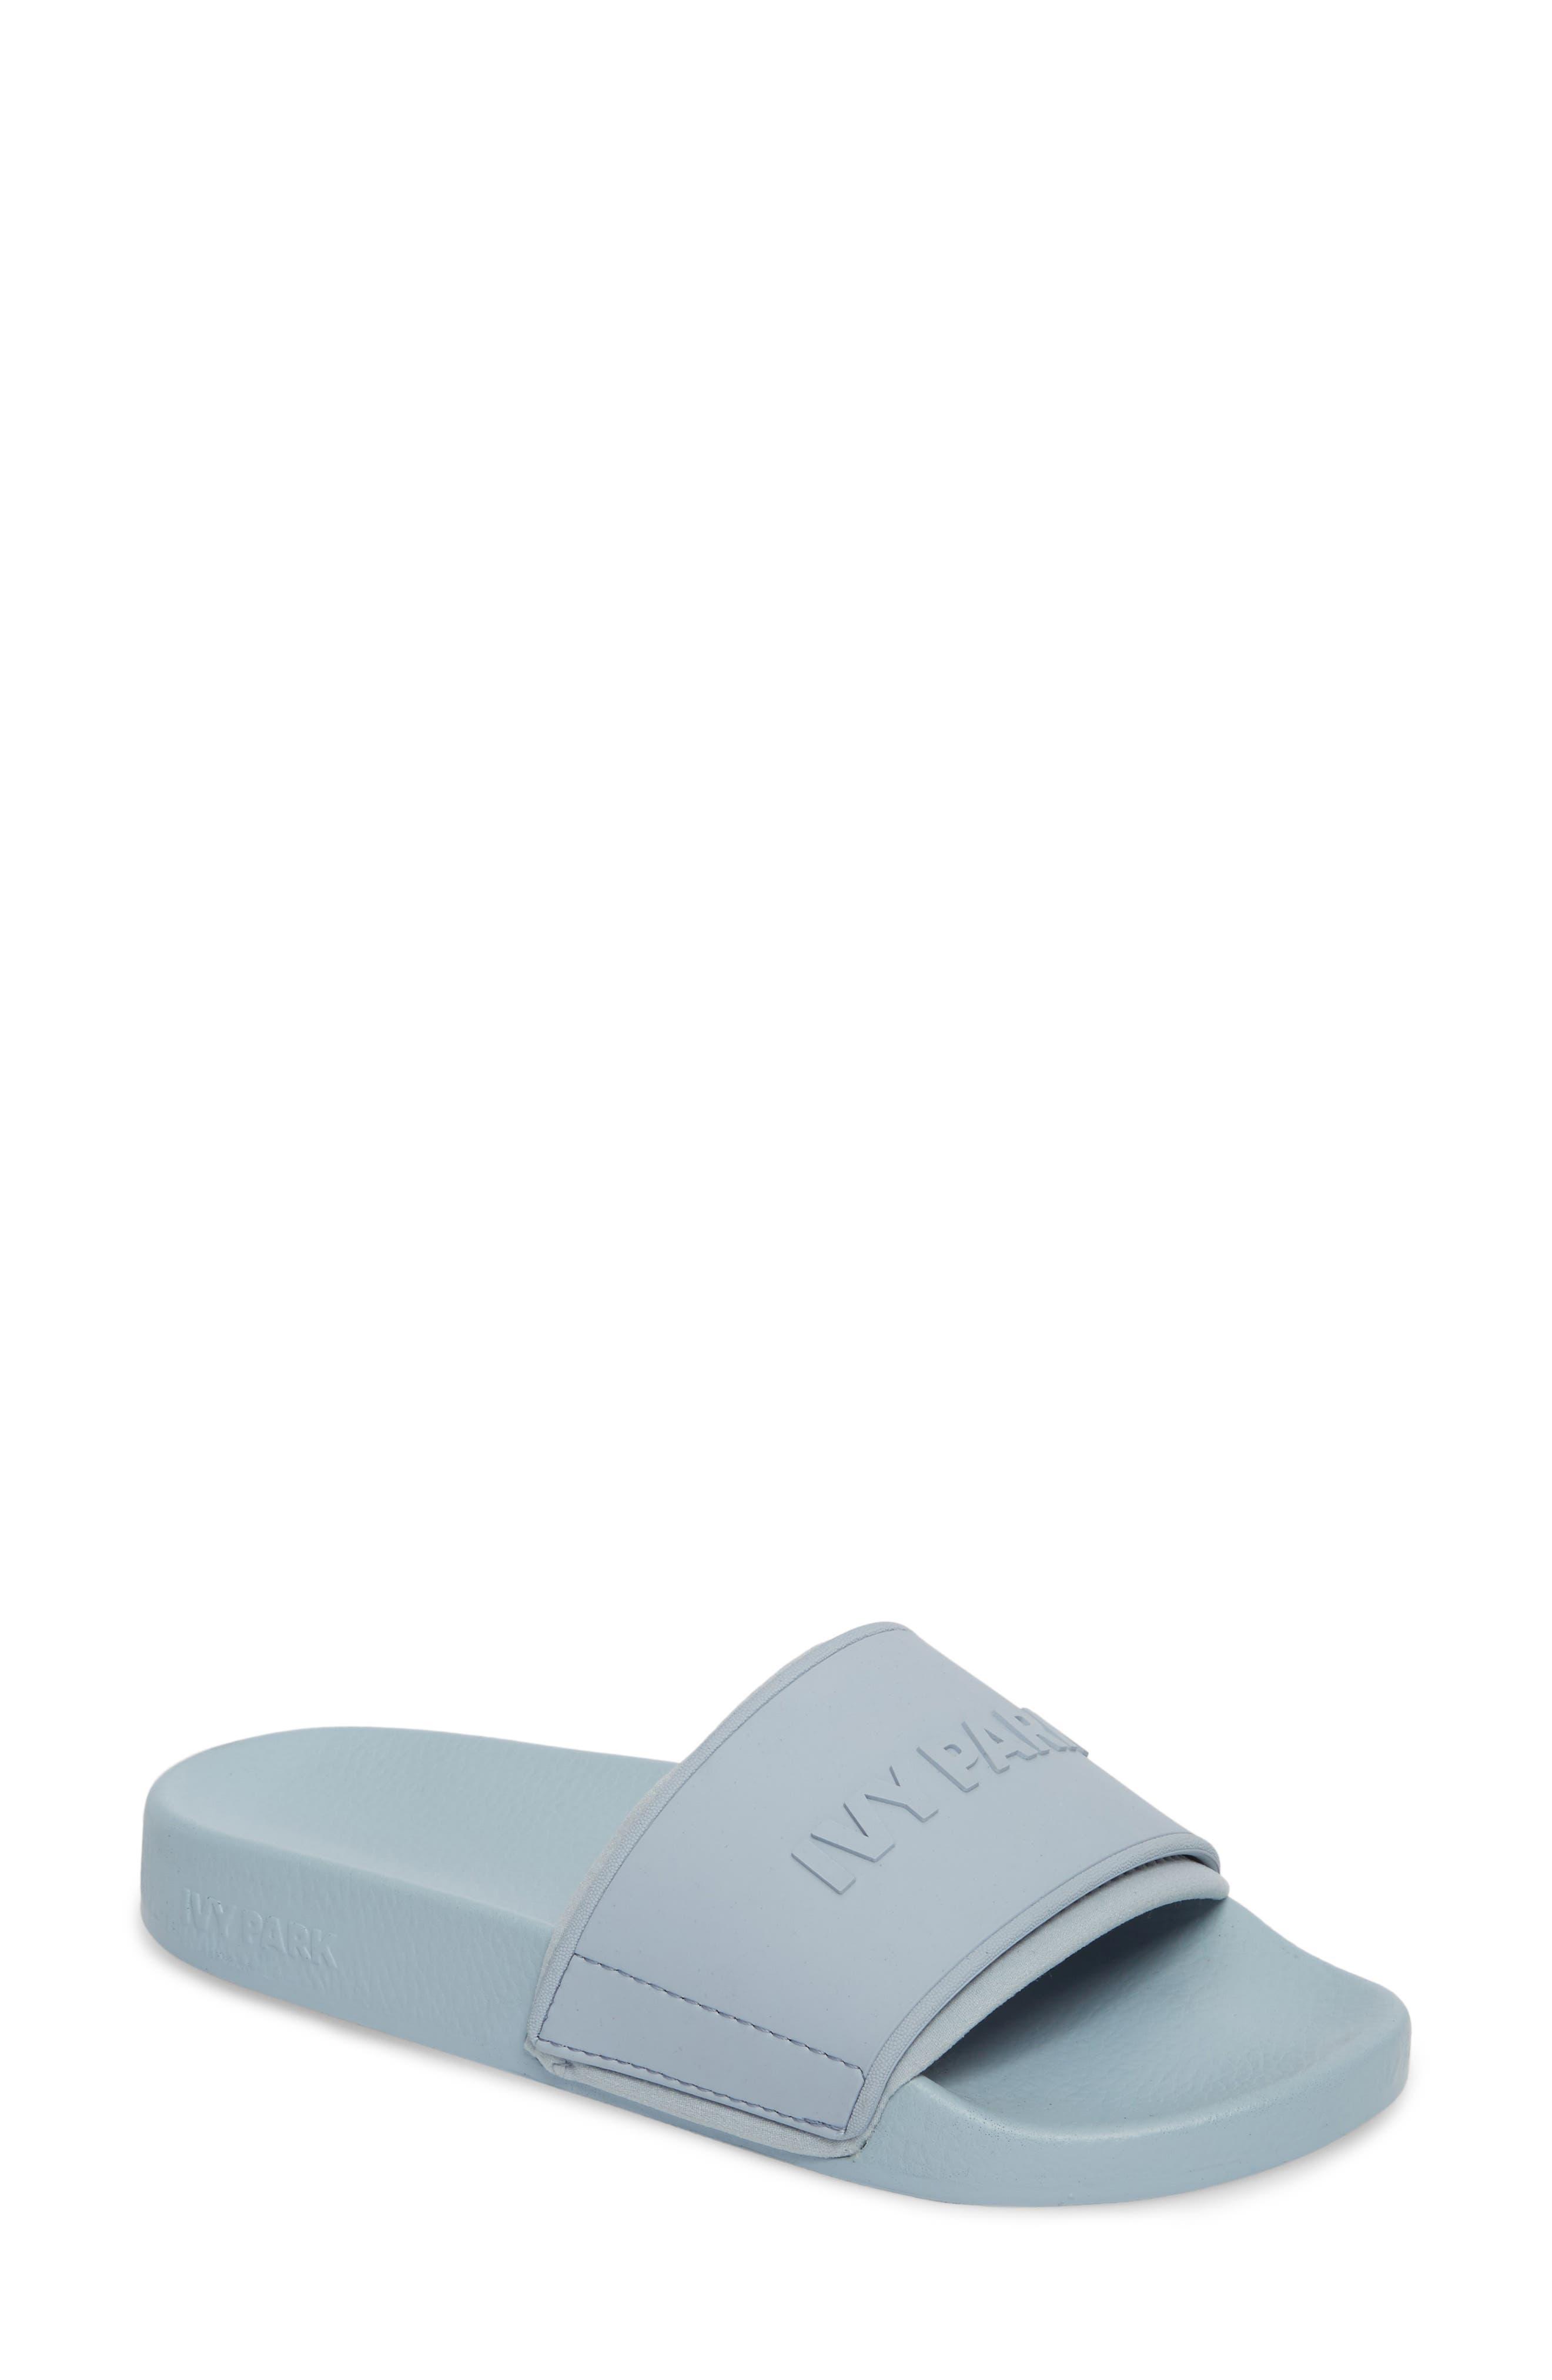 Alternate Image 1 Selected - IVY PARK® Embossed Neoprene Lined Slide Sandal (Women)